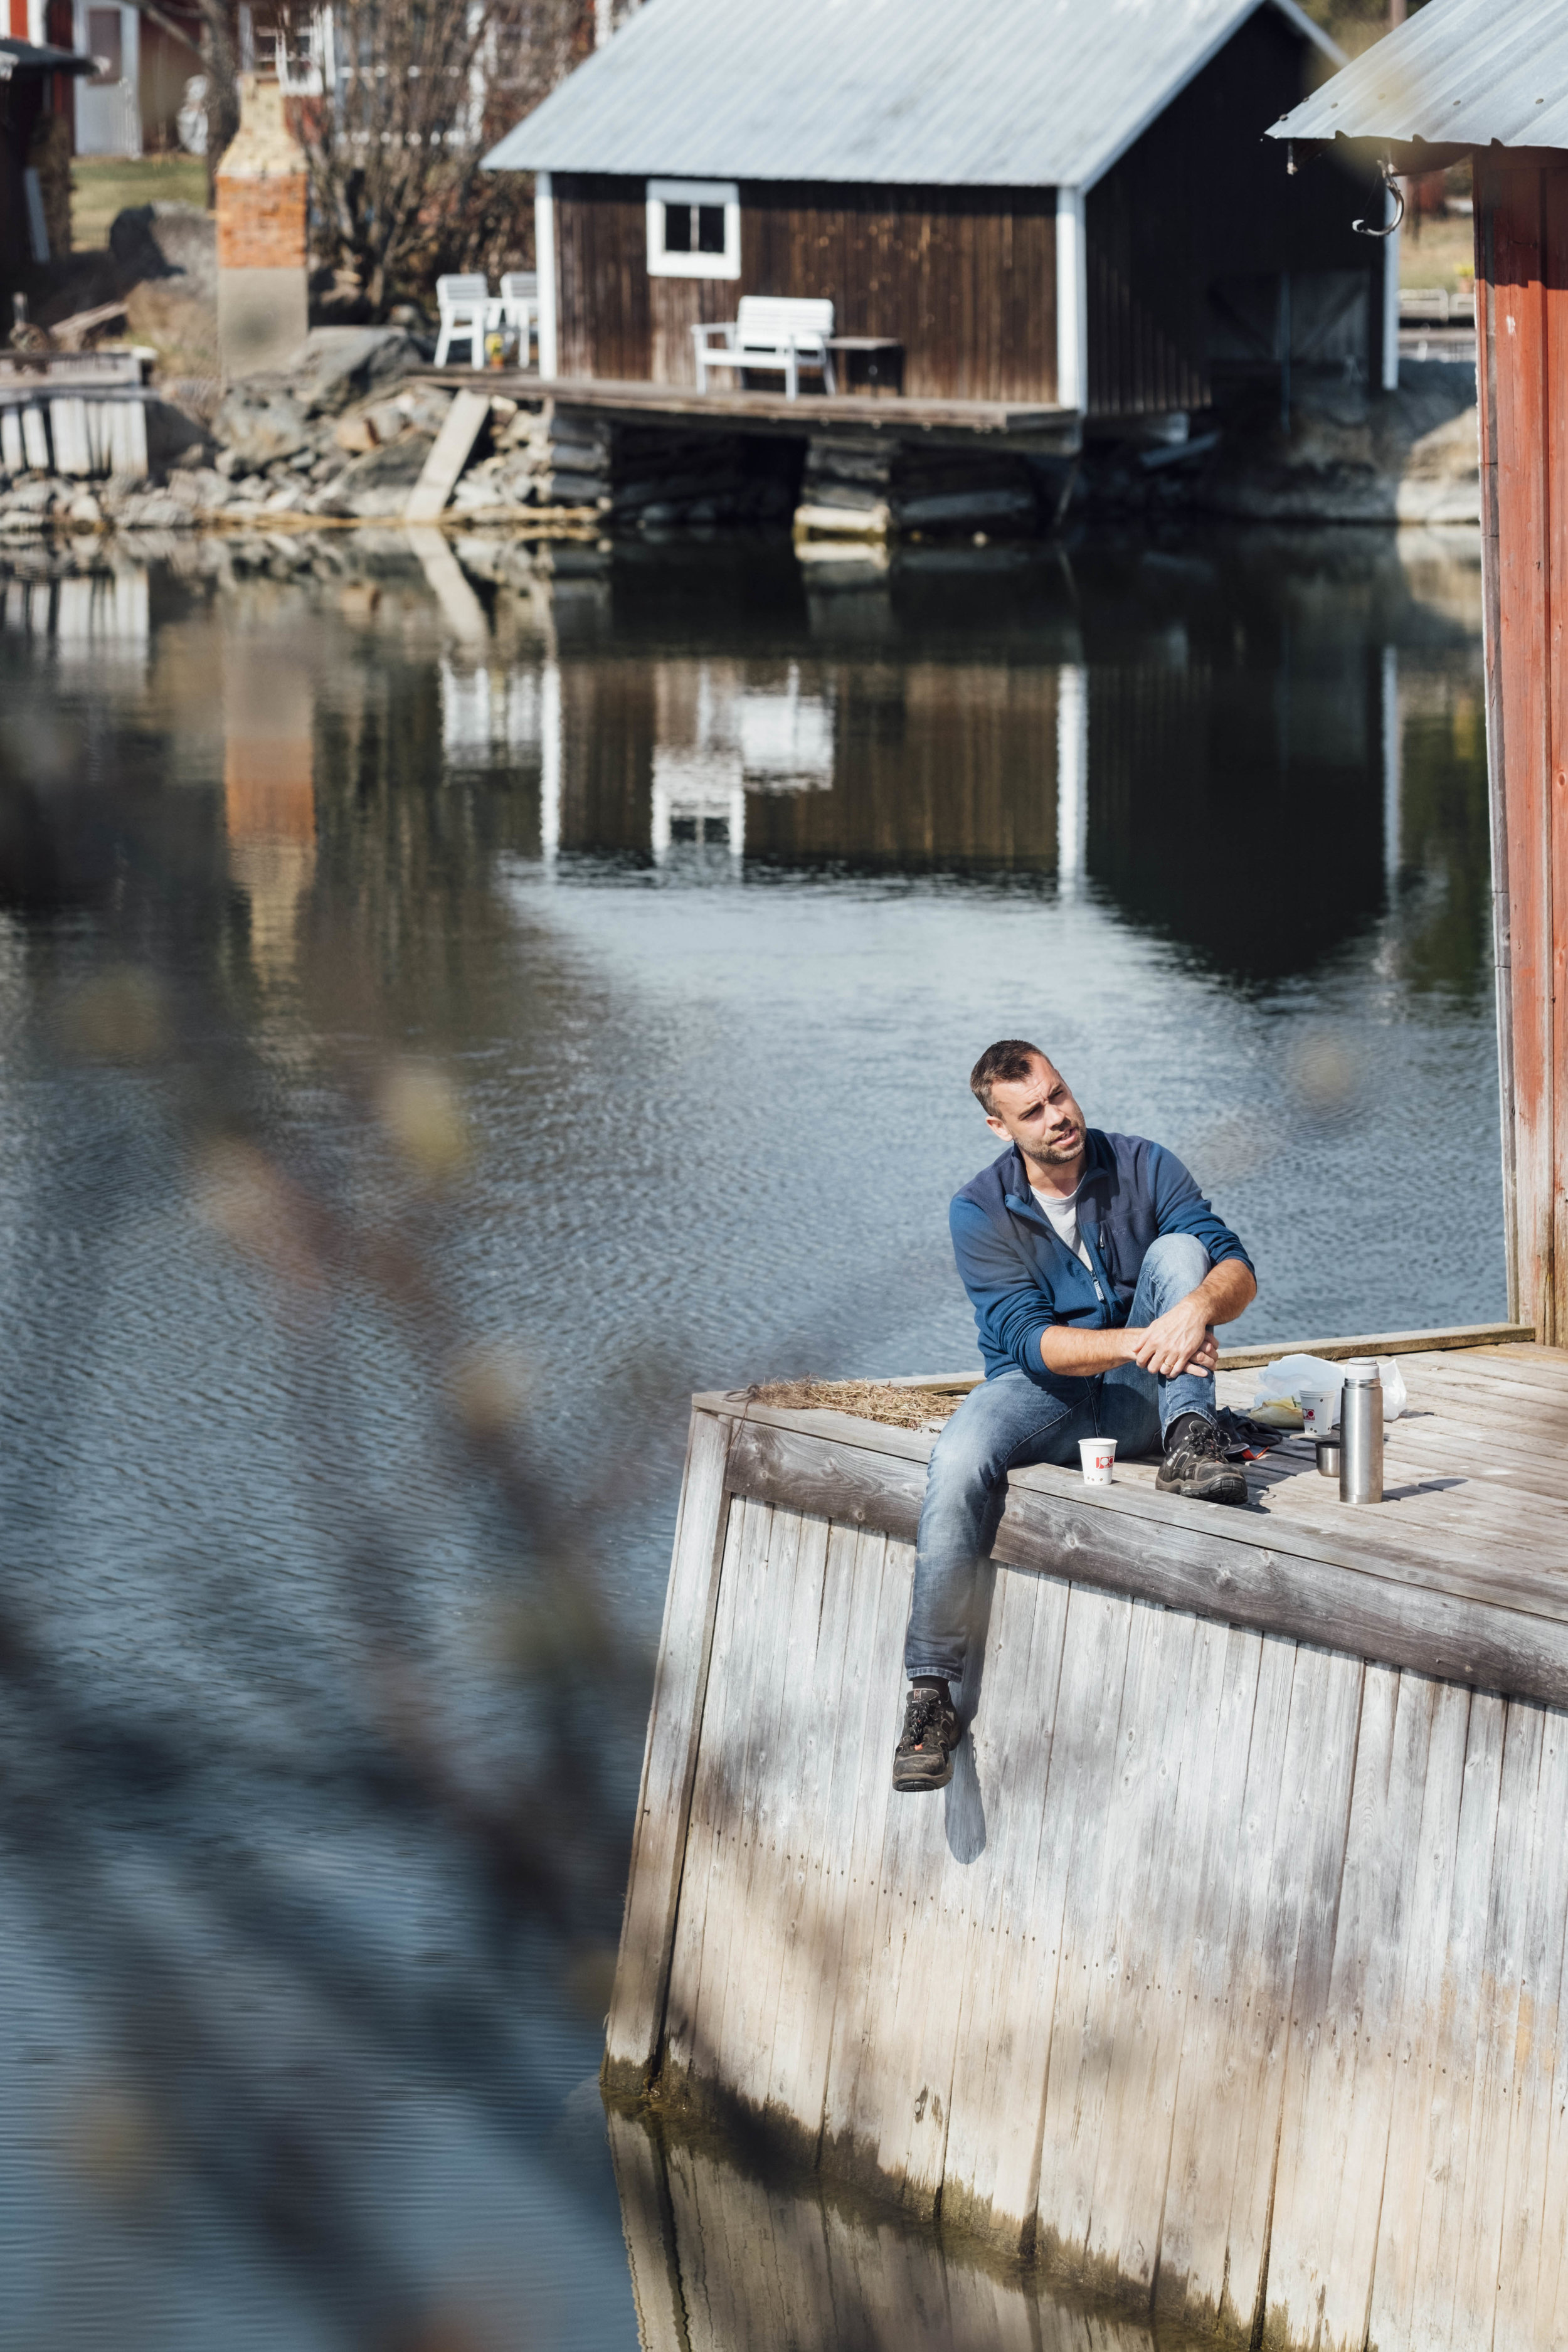 Foto: Mattias Färnstrand 2019 KUXAGRUPPEN AB